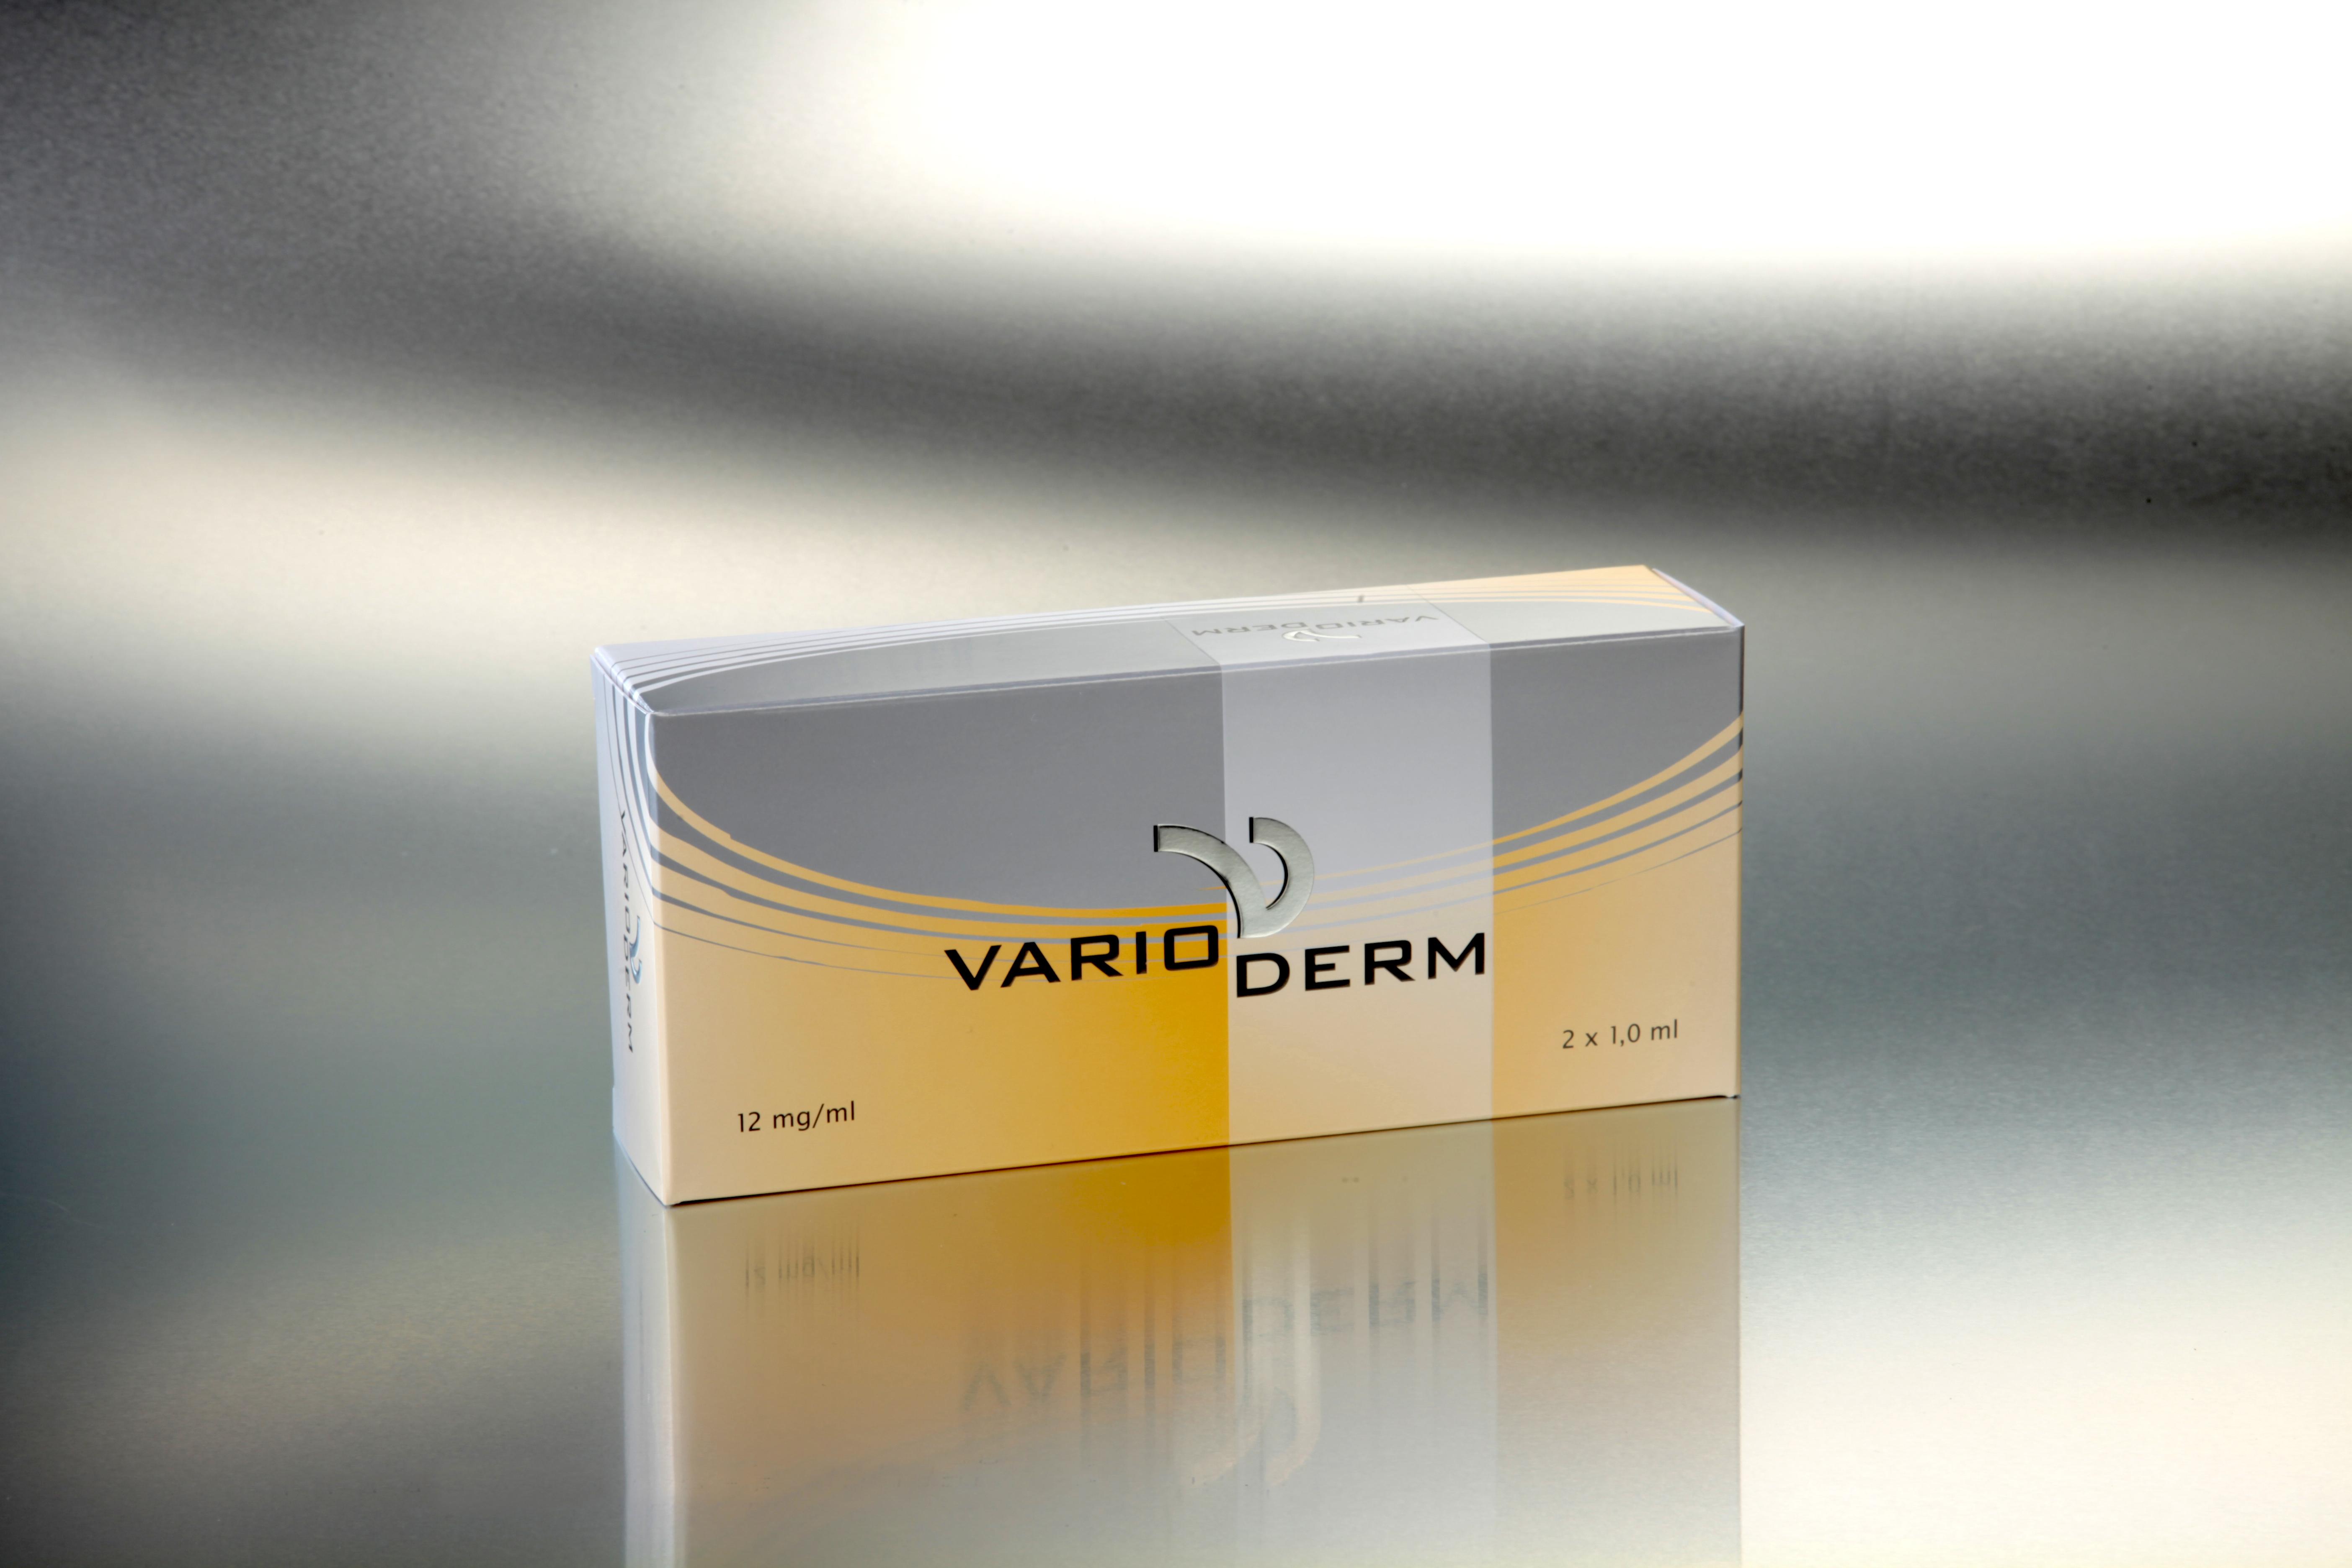 20121112 Varioderm beauty shot